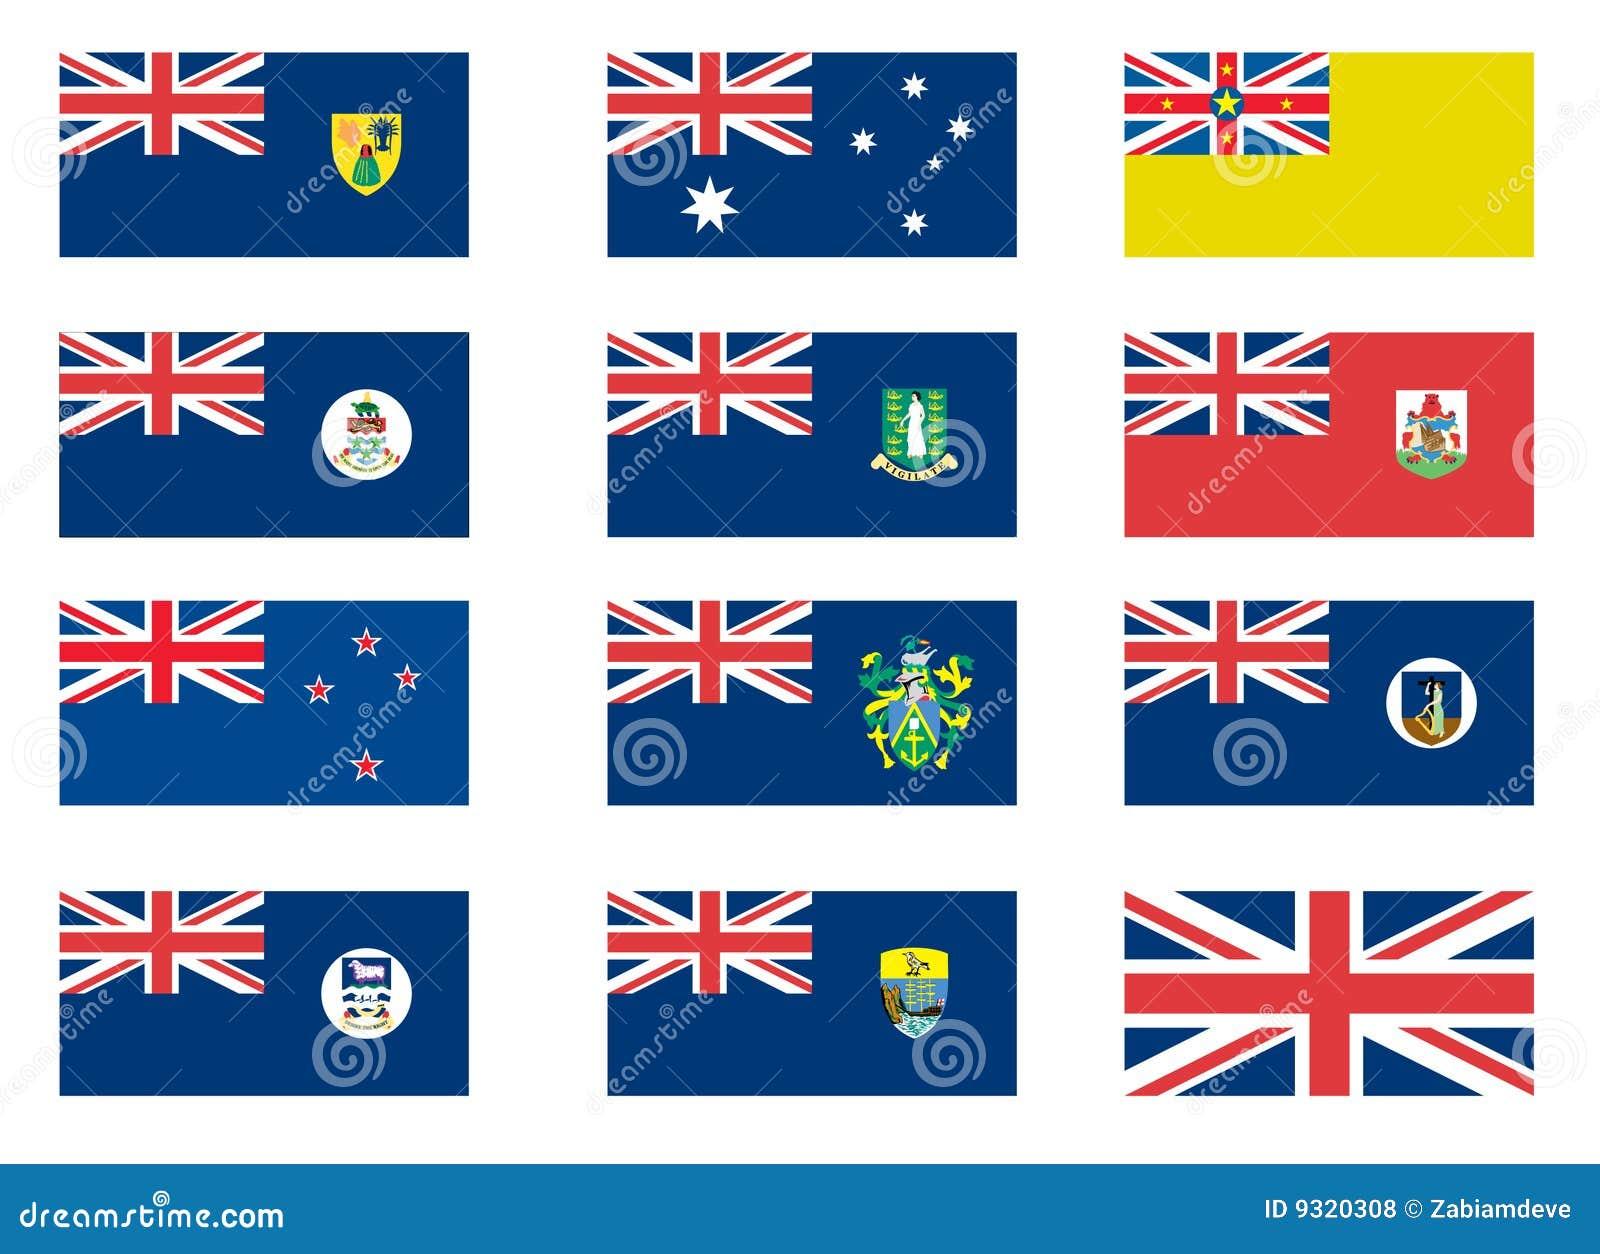 Photo gratuite: Blason, Emblmes Britanniques - Image